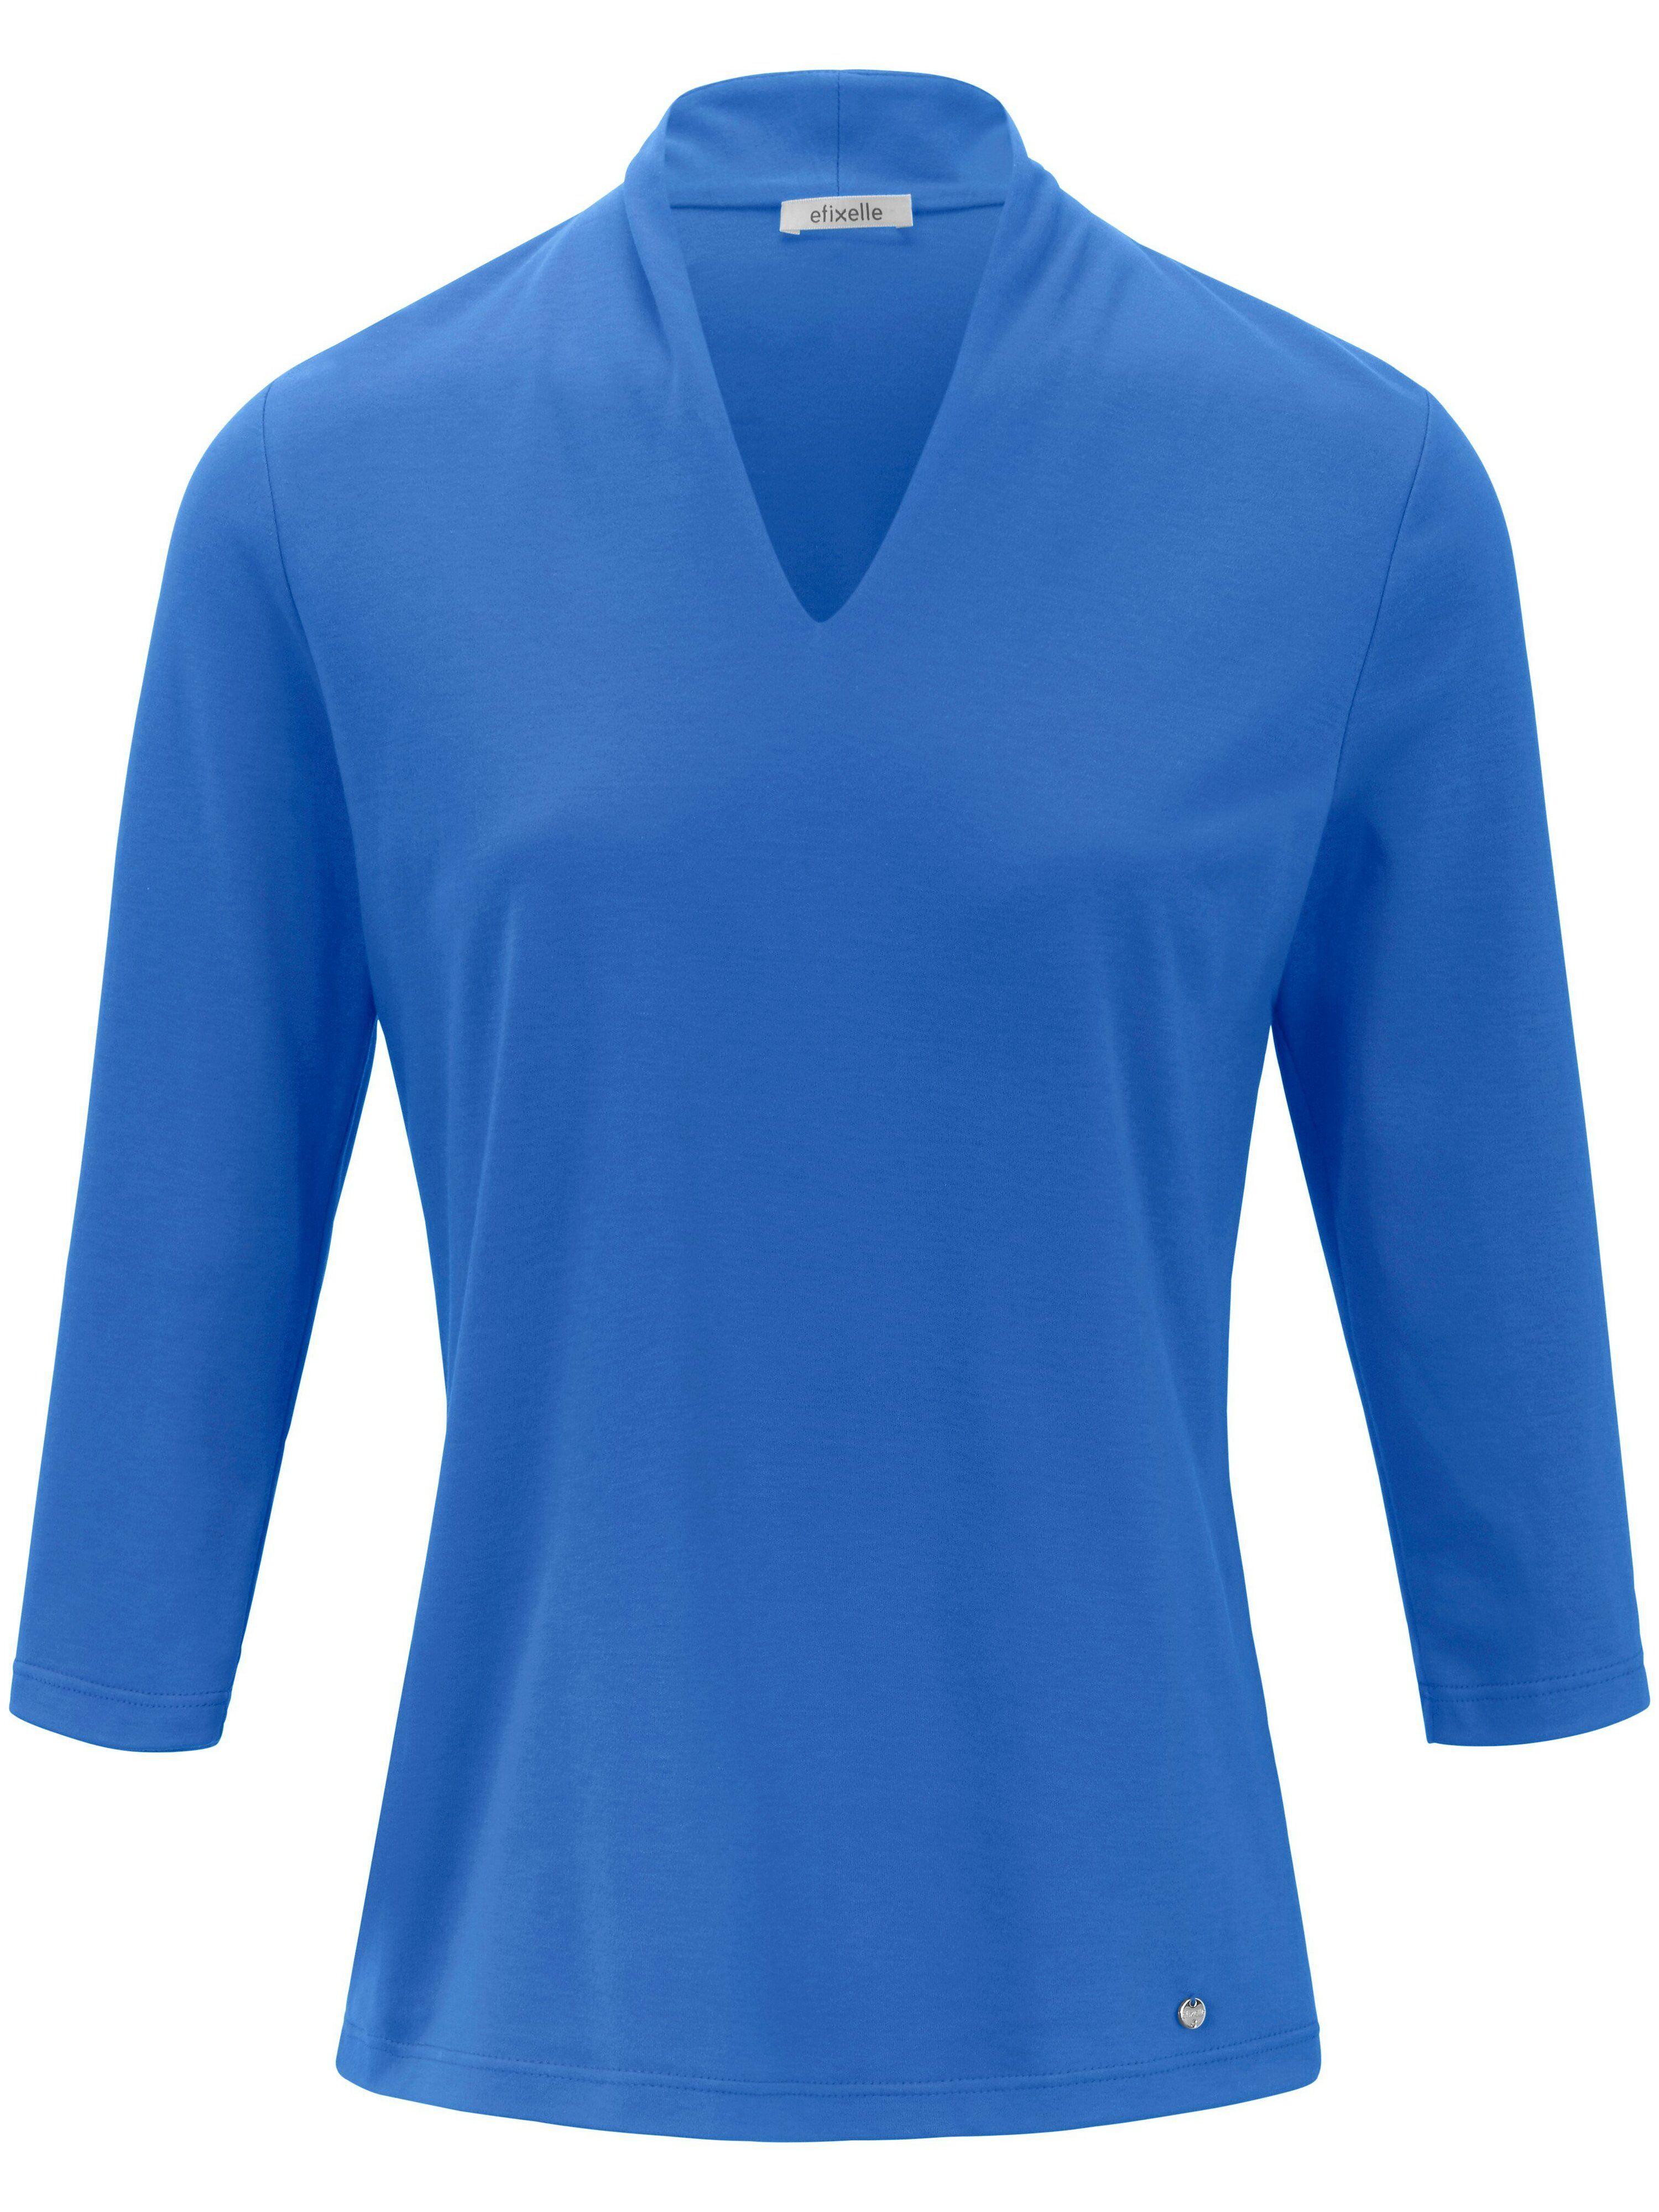 Efixelle Le T-shirt manches 3/4 100% coton  Efixelle bleu  - Femme - 38